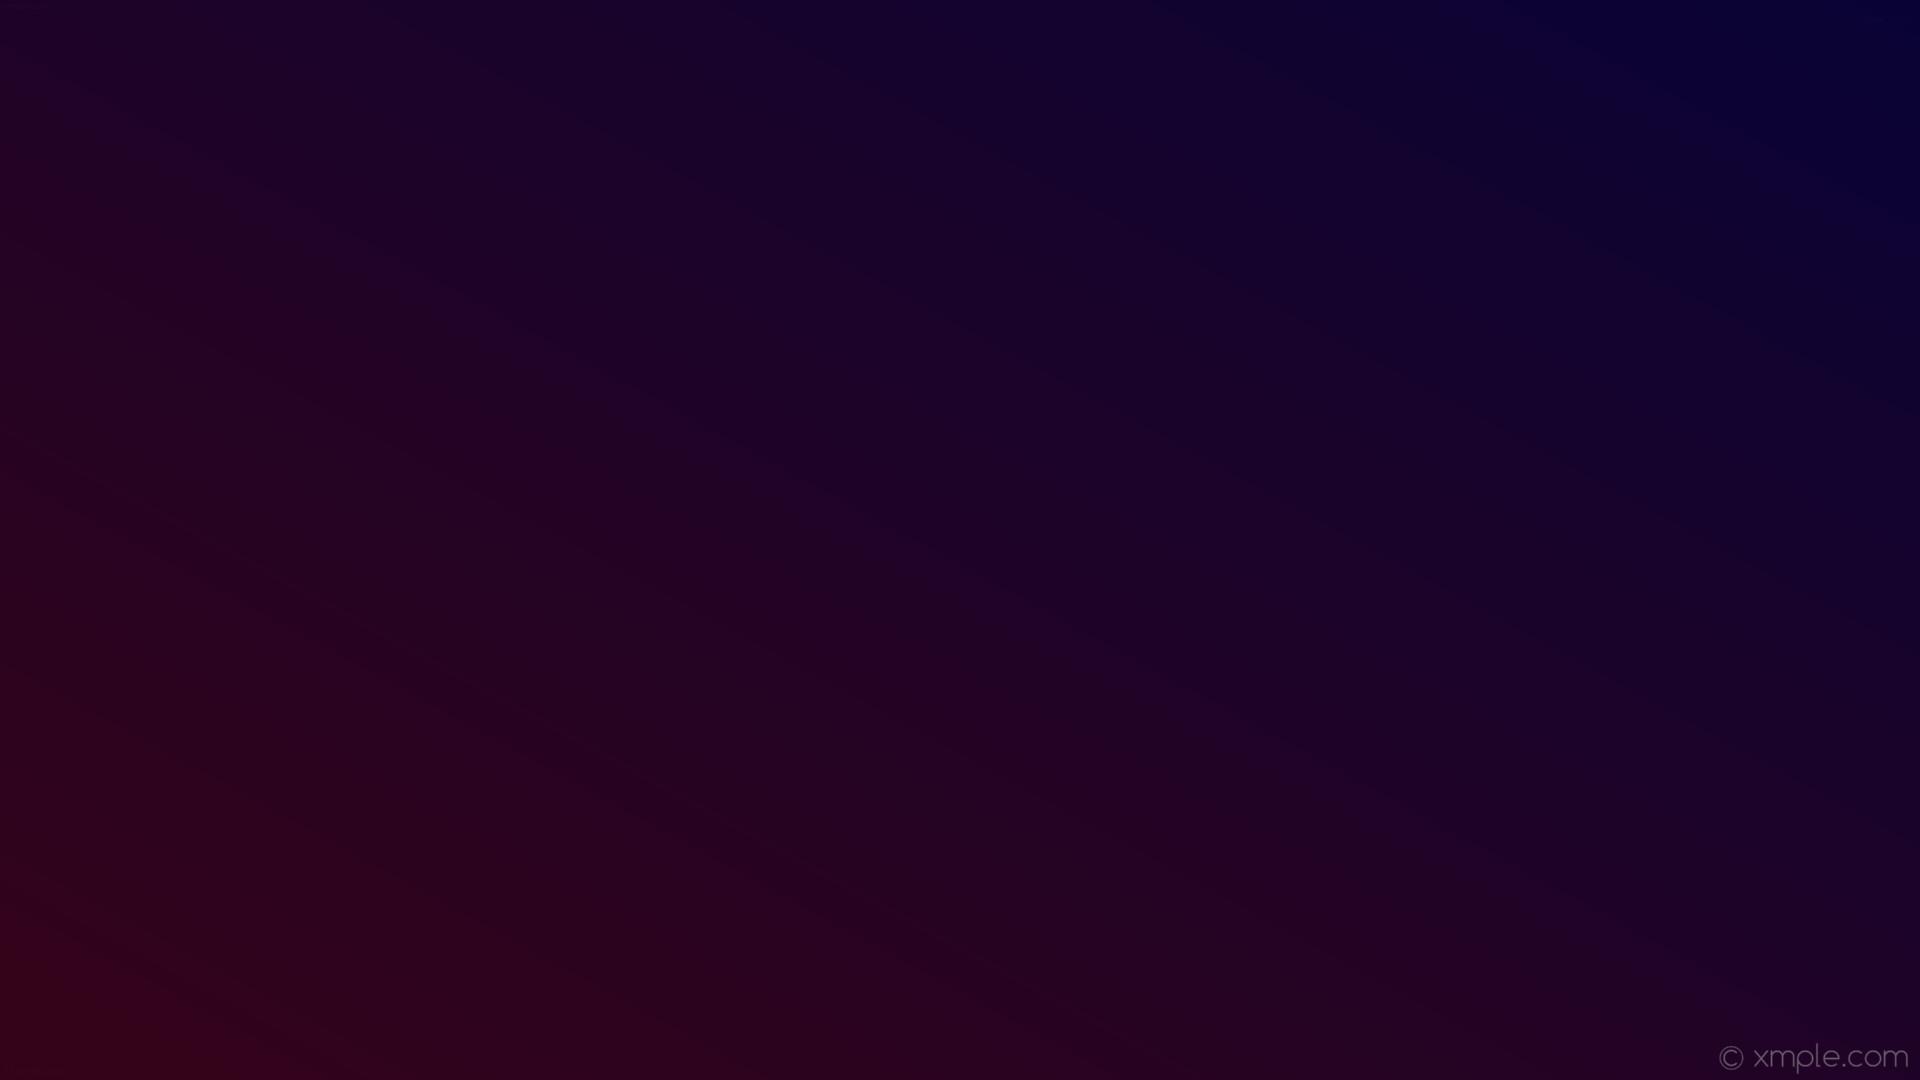 wallpaper linear pink blue gradient dark blue dark pink #090335 #350319 30°